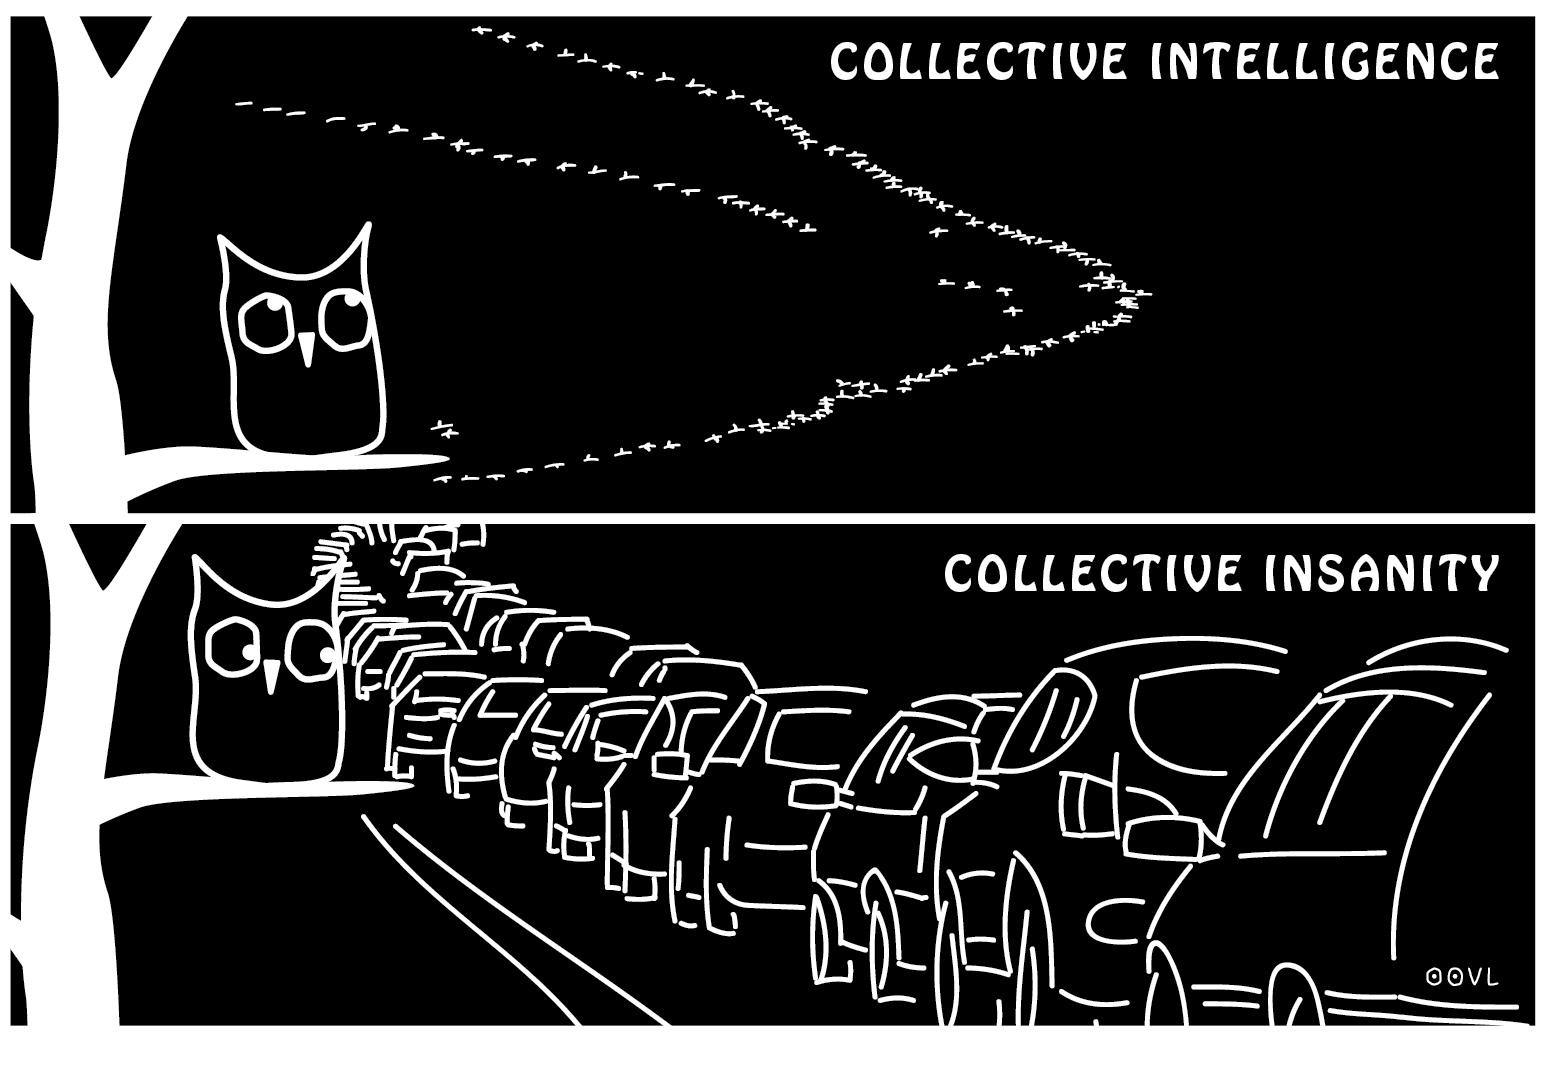 Ein EULALIA THE OOVL Comic von Vera Liesmann über das Gegenteil von Schwarmintelligenz.